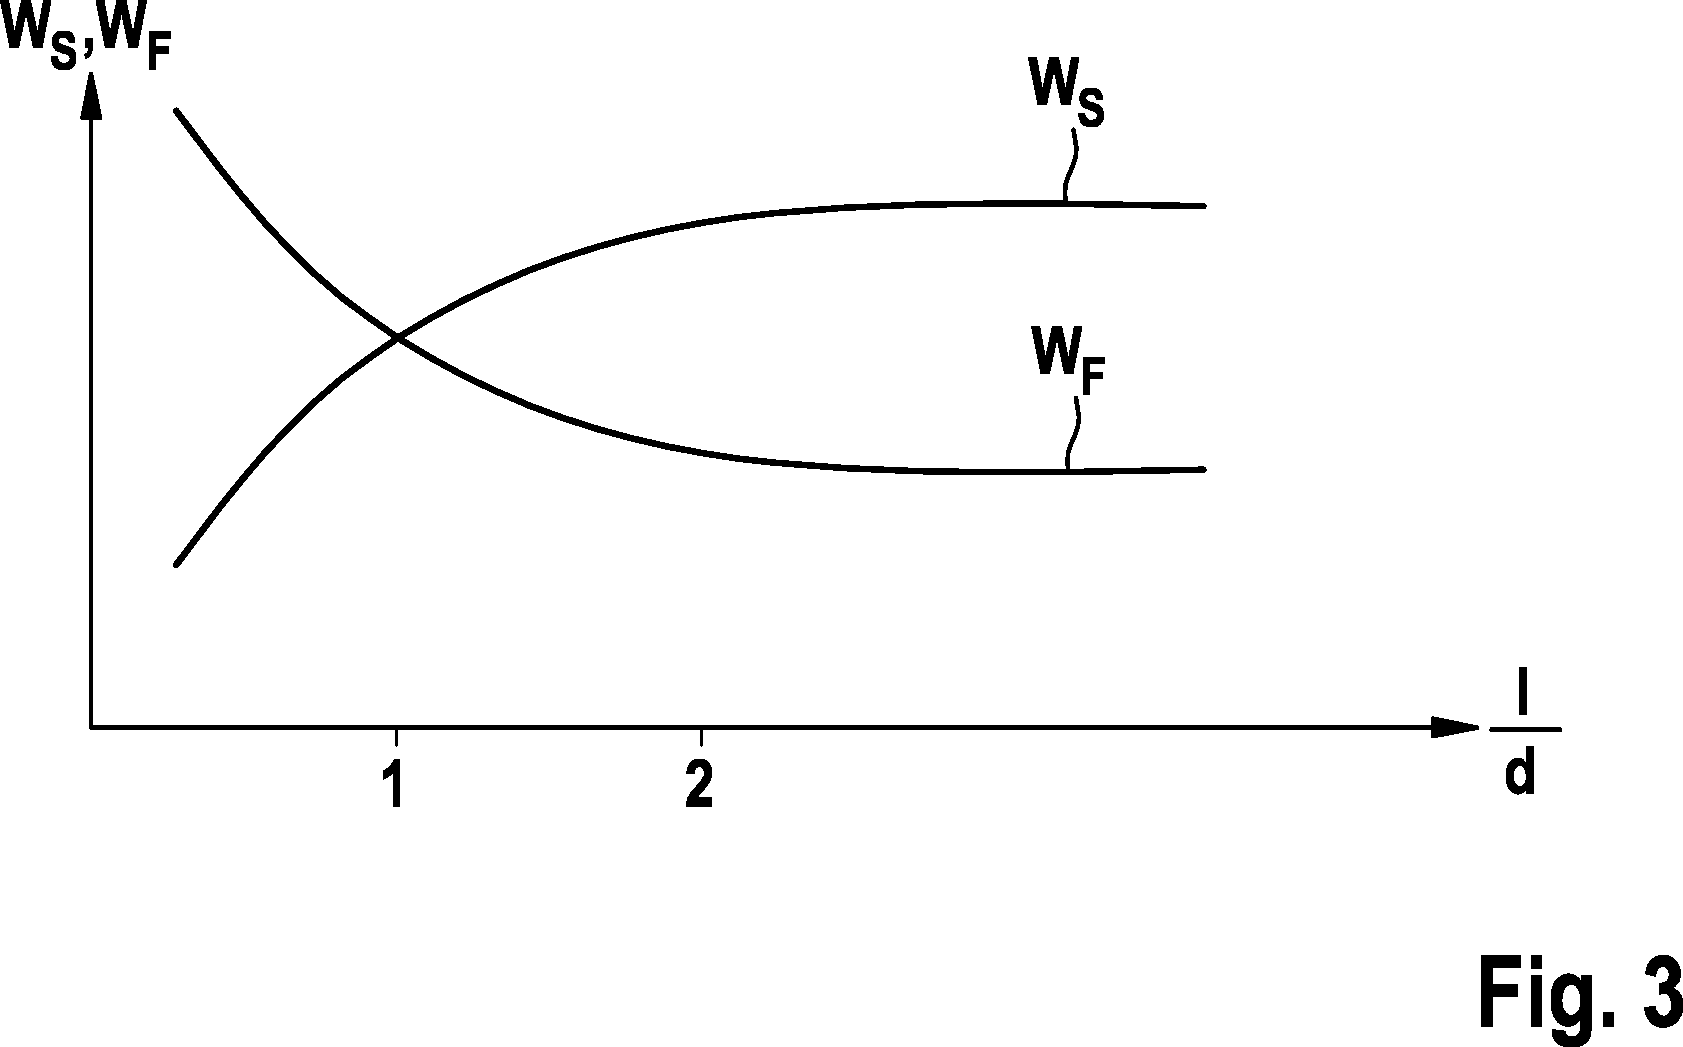 Schön Diagramm Der Wicklung Des Elektromotors Ideen - Elektrische ...